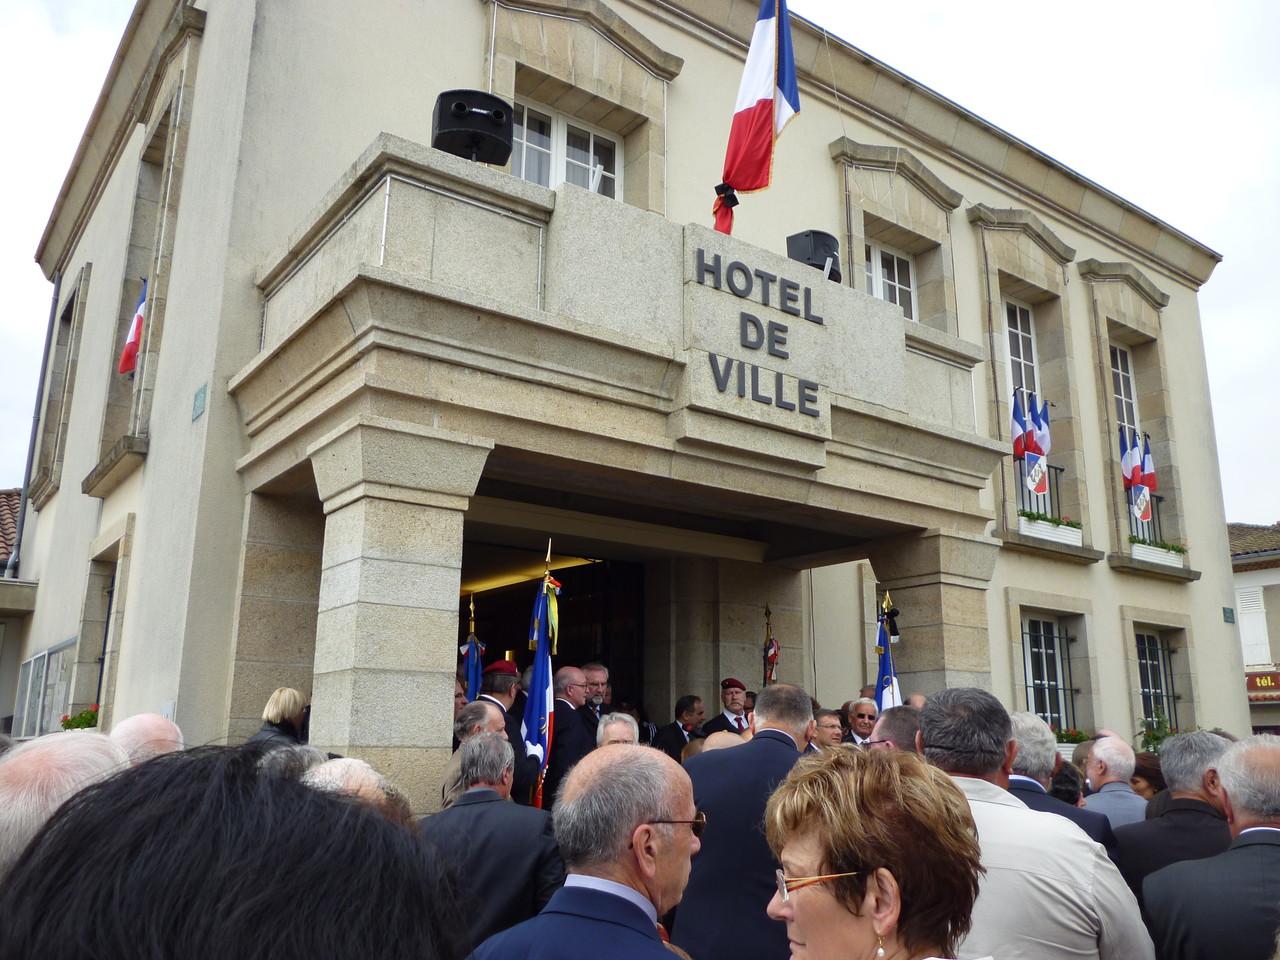 Discorsi dei Ministri, tra cui M. Kader ARIF Ministre délégué auprès du ministre de la Défense, chargé des Anciens Combattants, e alte autorità francesi